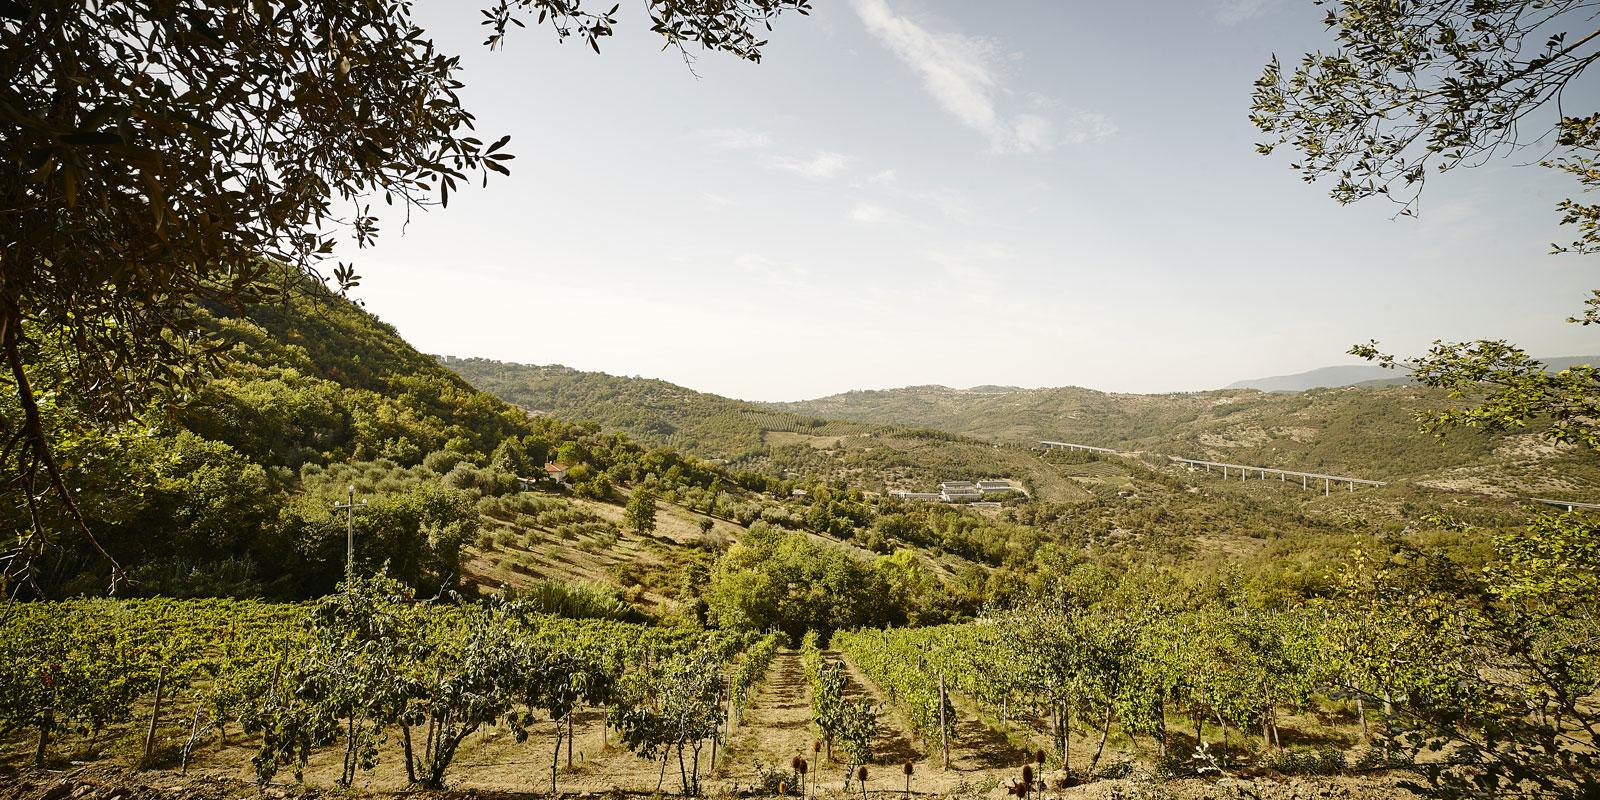 un viaggio nella biodiversità vitivinicola